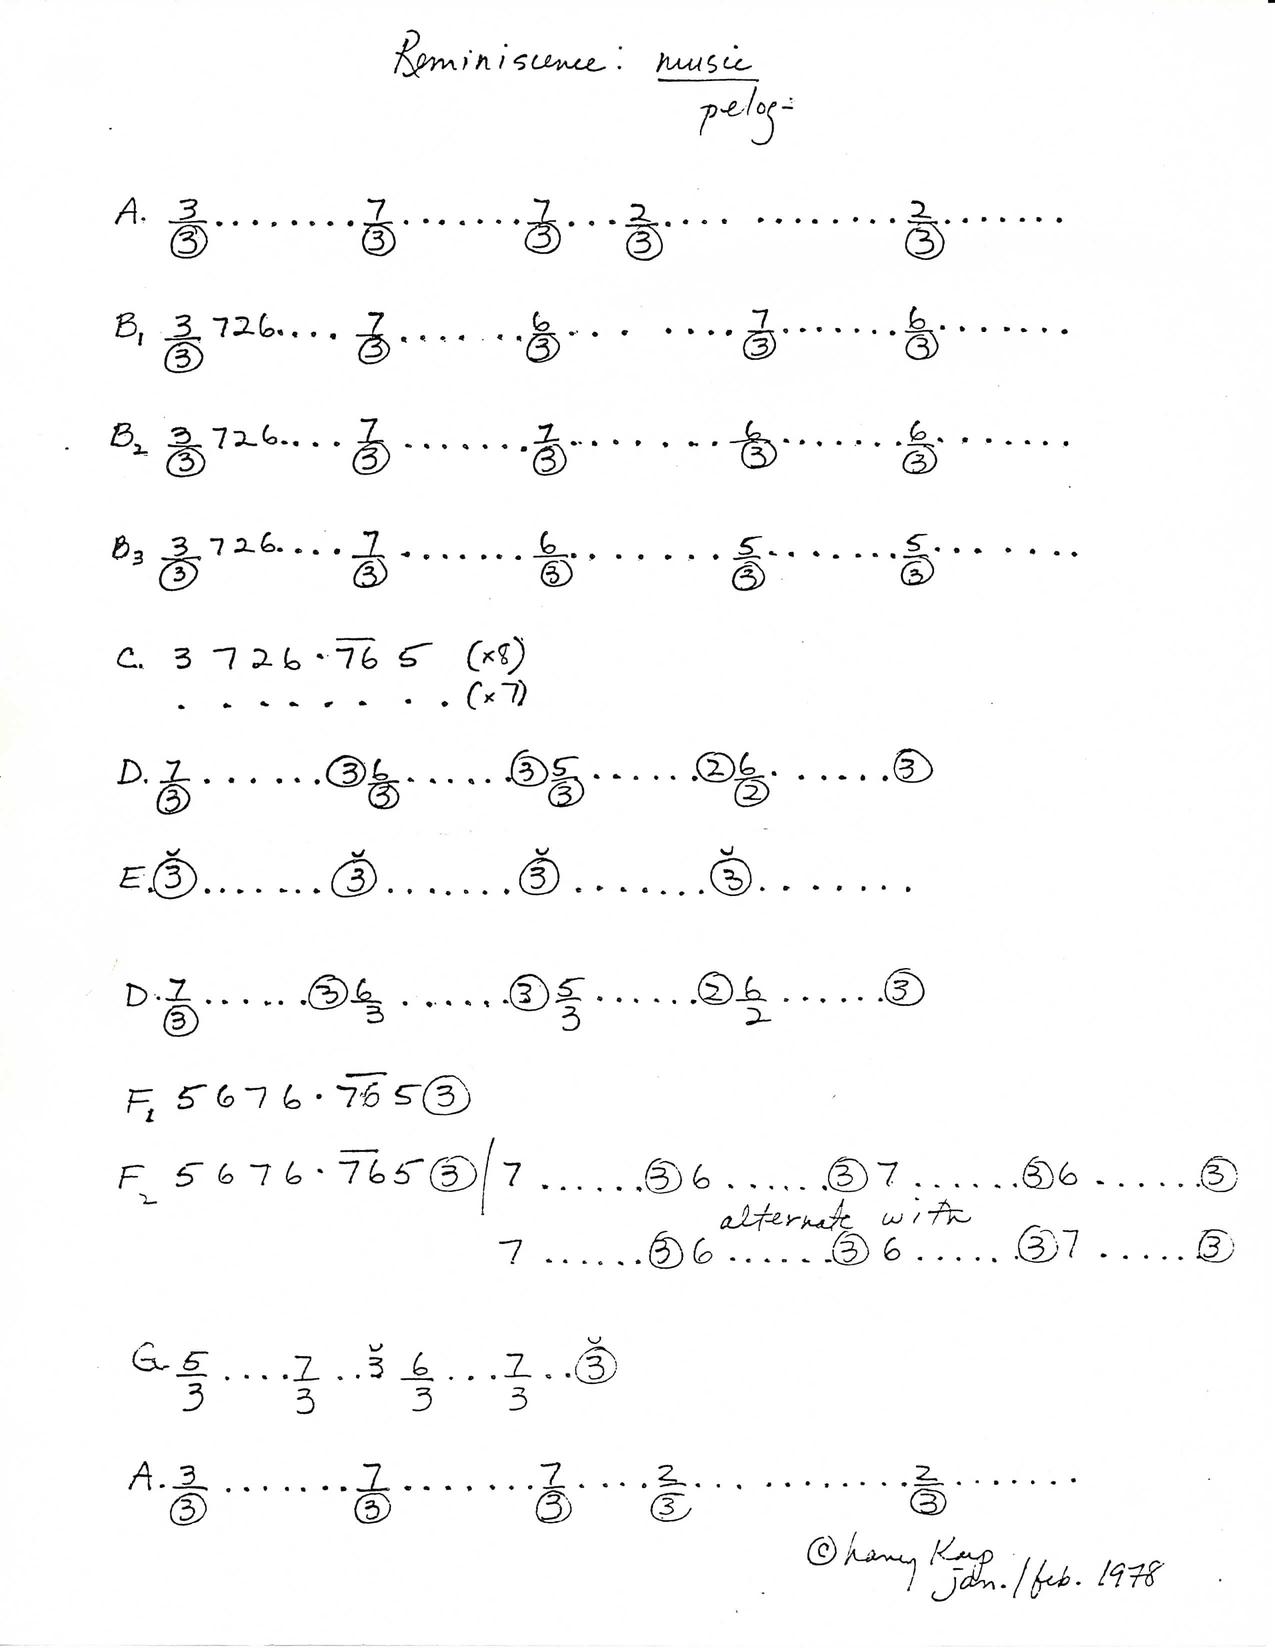 Gamelan Music Score